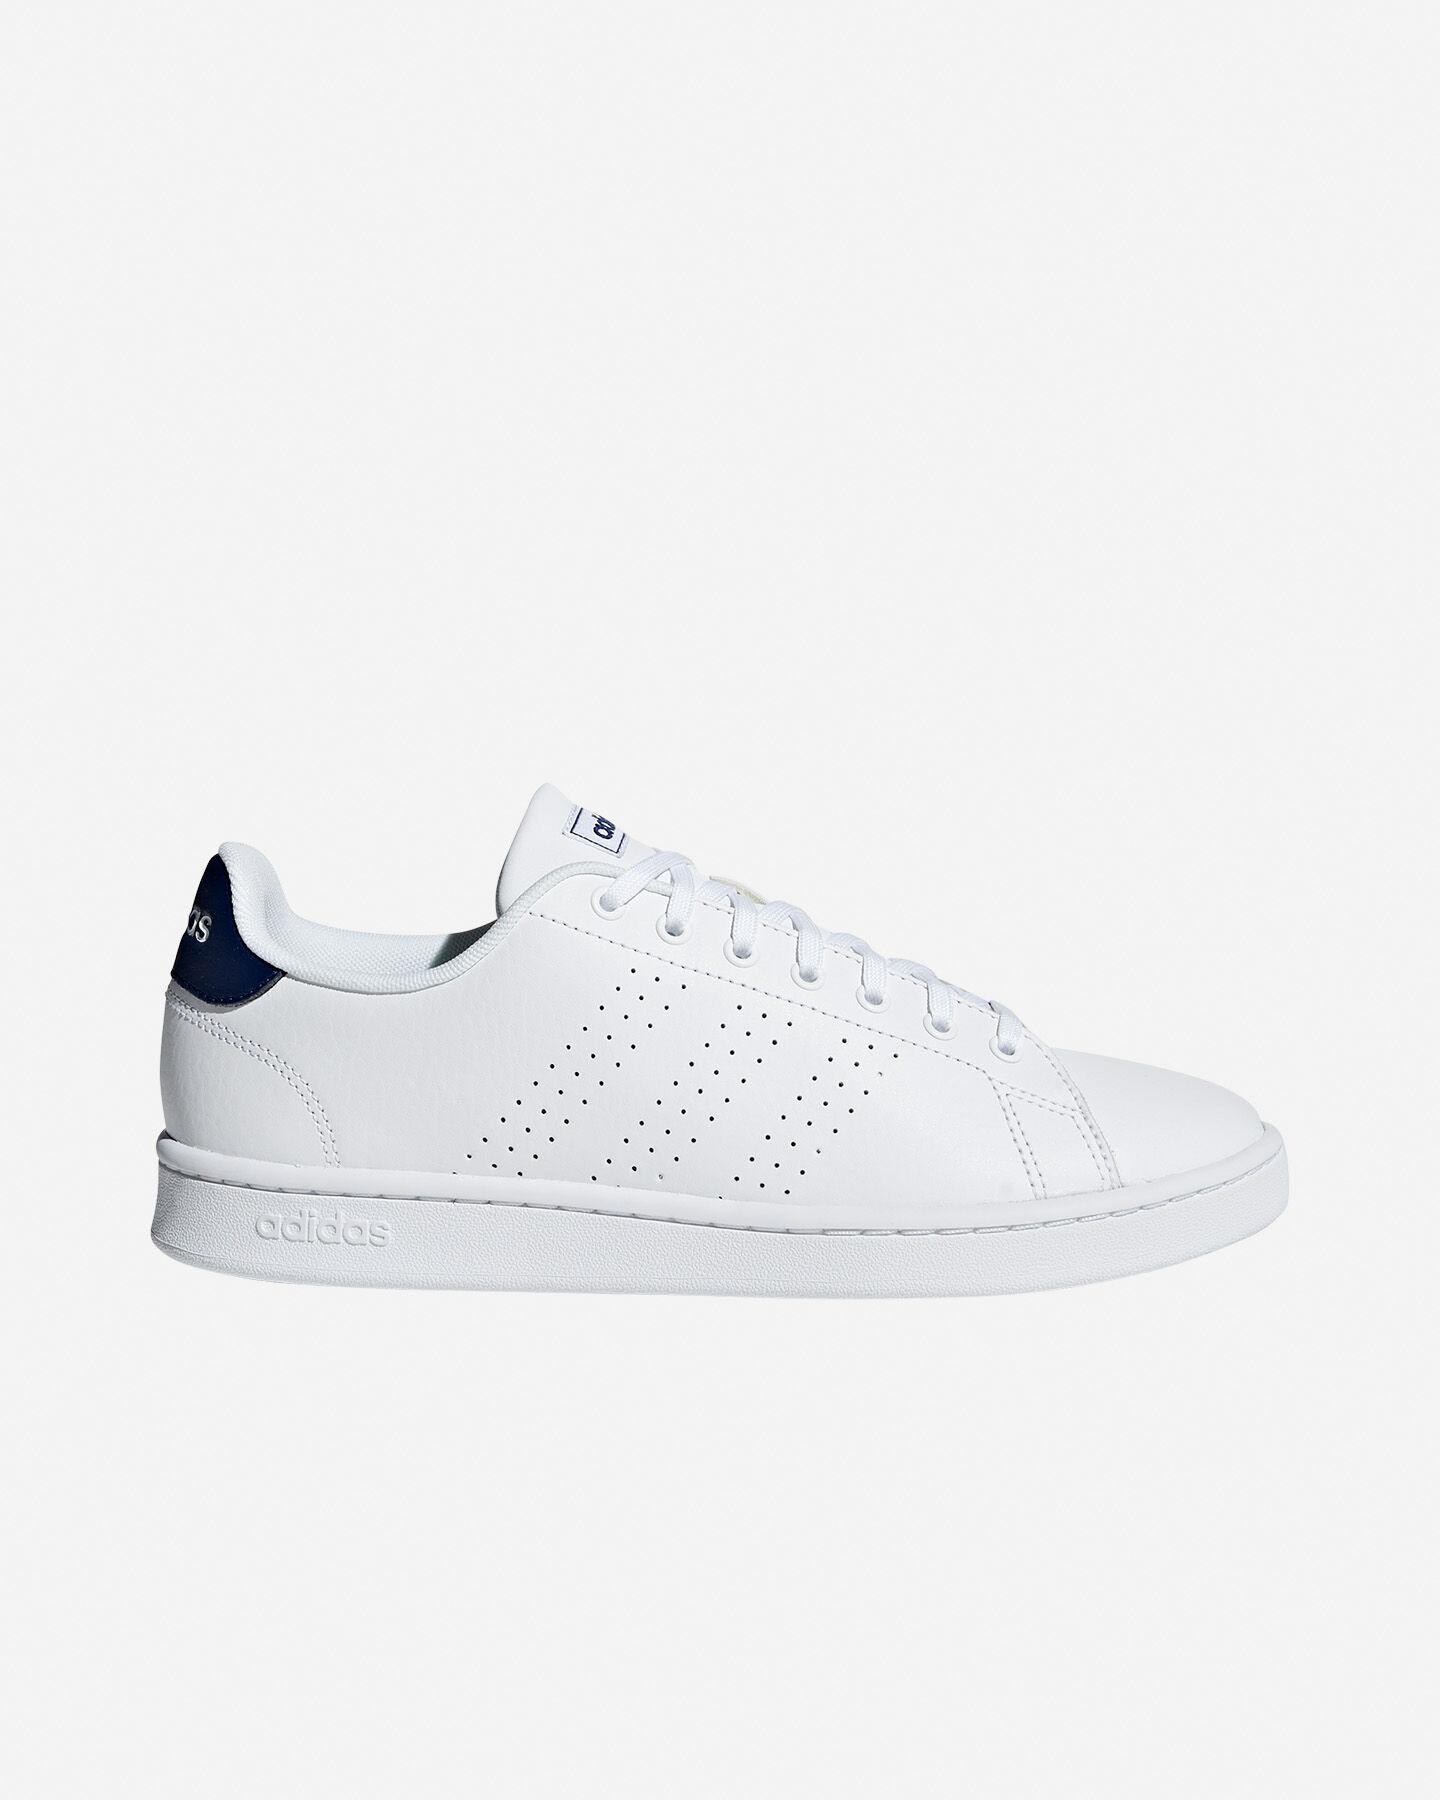 Sneakers Sportive Uomo Scarpe Cisalfa E Sport Da 0rw70q